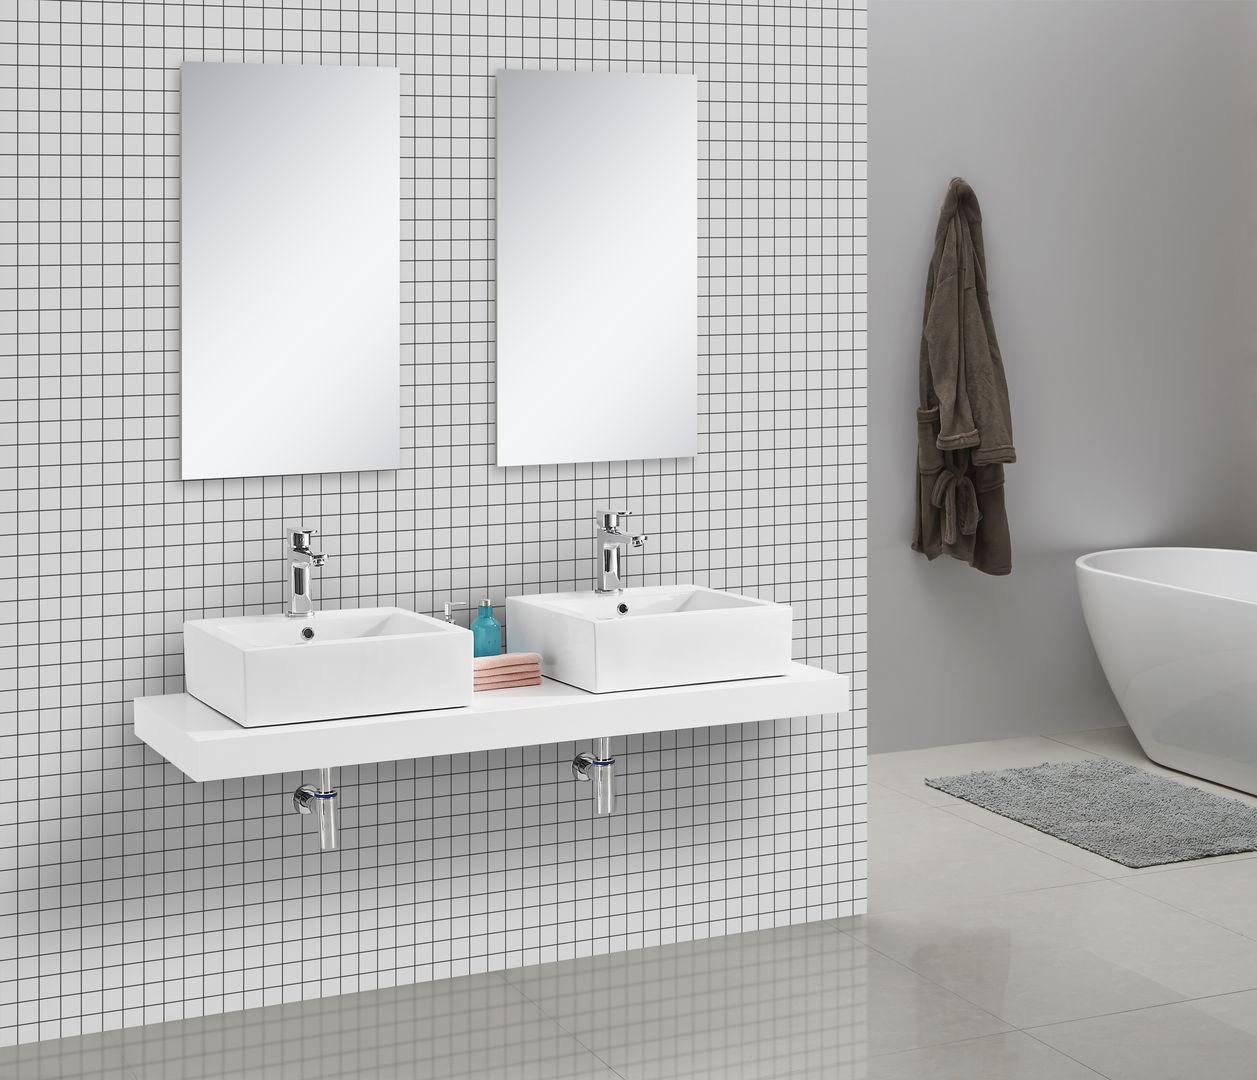 Waschtischkonsole 150 x 50 cm (weiß)